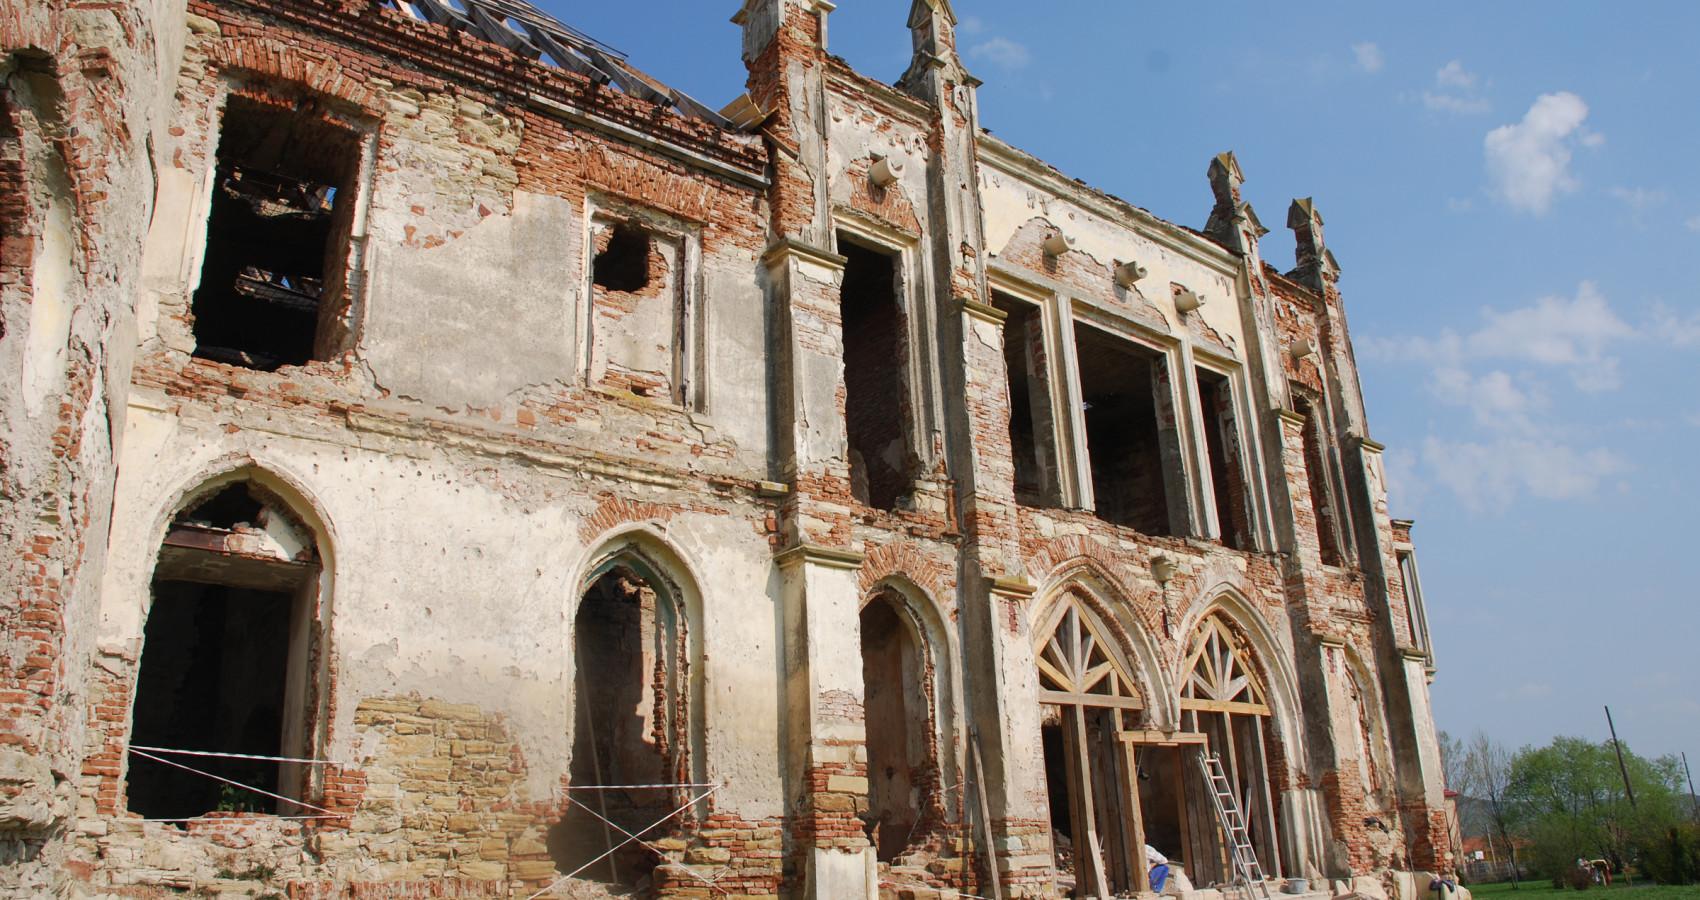 HistoriclandscapesofTransylvania_Romania_BrianCurran_2013